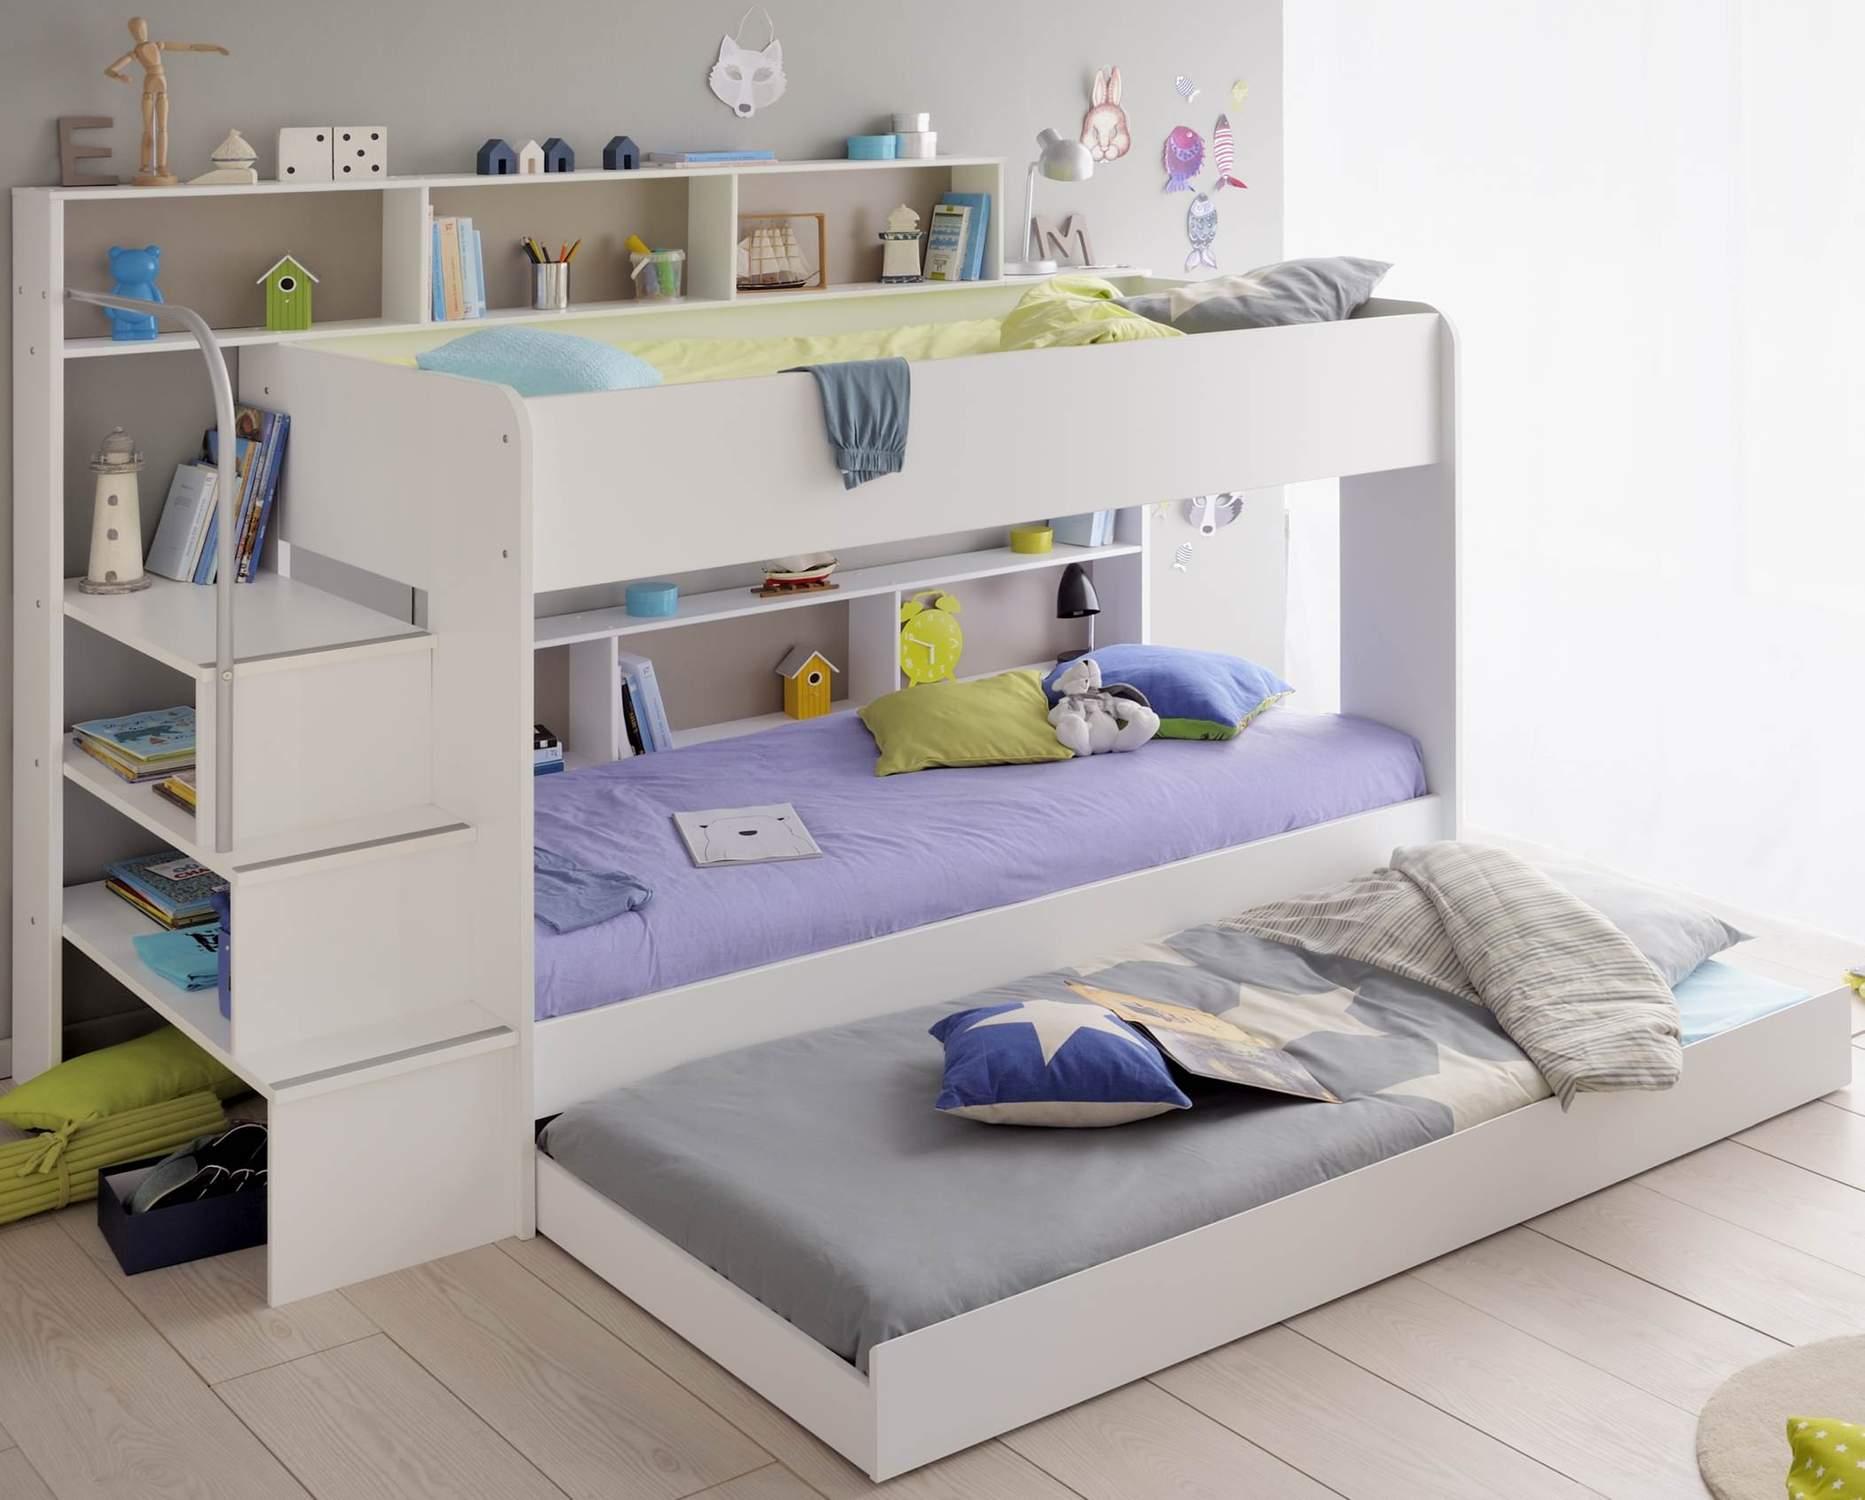 Kinderzimmer set bibop 63 etagenbett mit 2 schreibtischen for Kinderzimmer komplett mit etagenbett